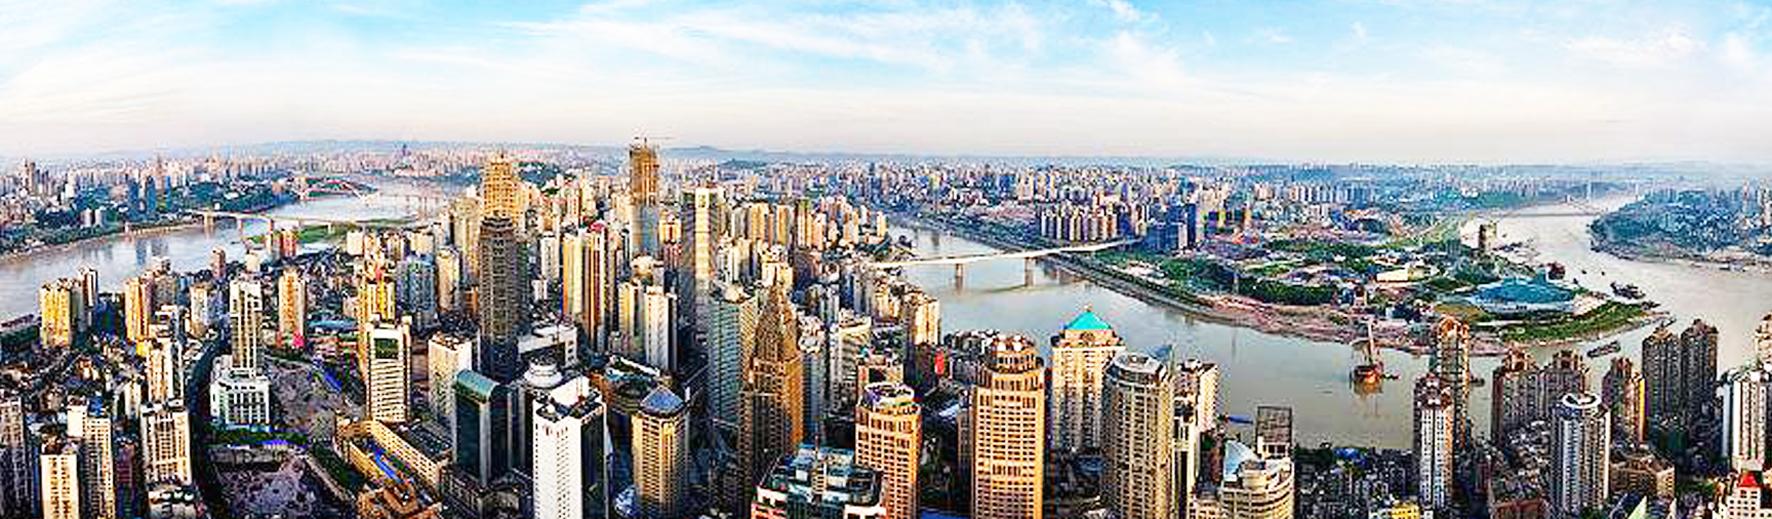 重庆桥梁赏析